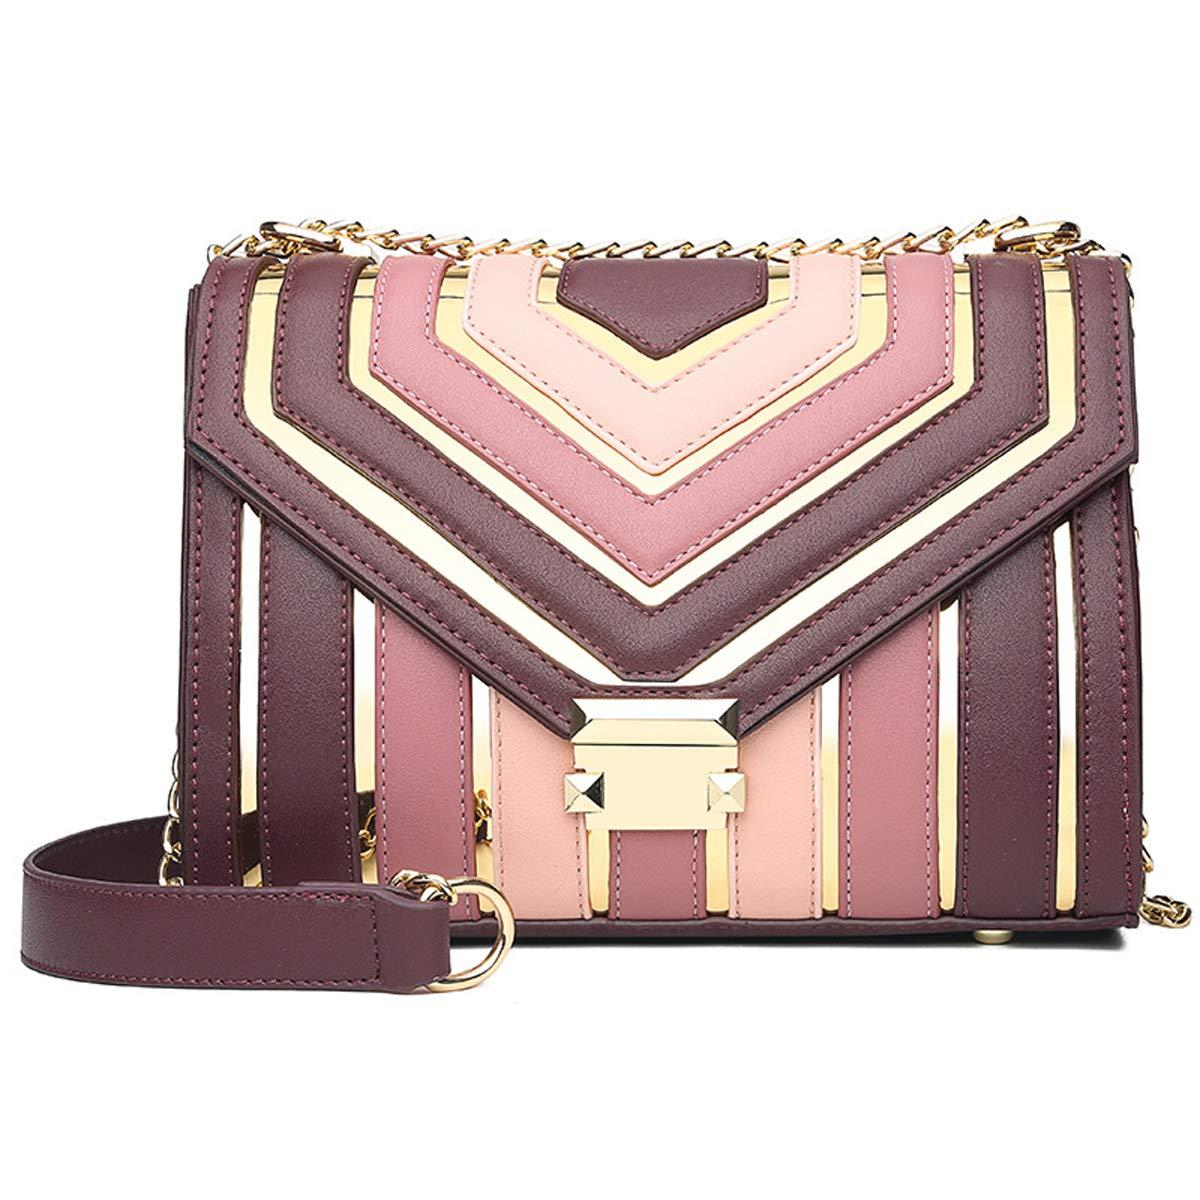 2019 Fr/ühjahr neue weibliche Tasche N/ähte Kontrastfarbe kleine quadratische Tasche weibliche Schultern wilde Hong Kong Stil Retro Messenger Bag Rot, 25 * 12 * 22cm